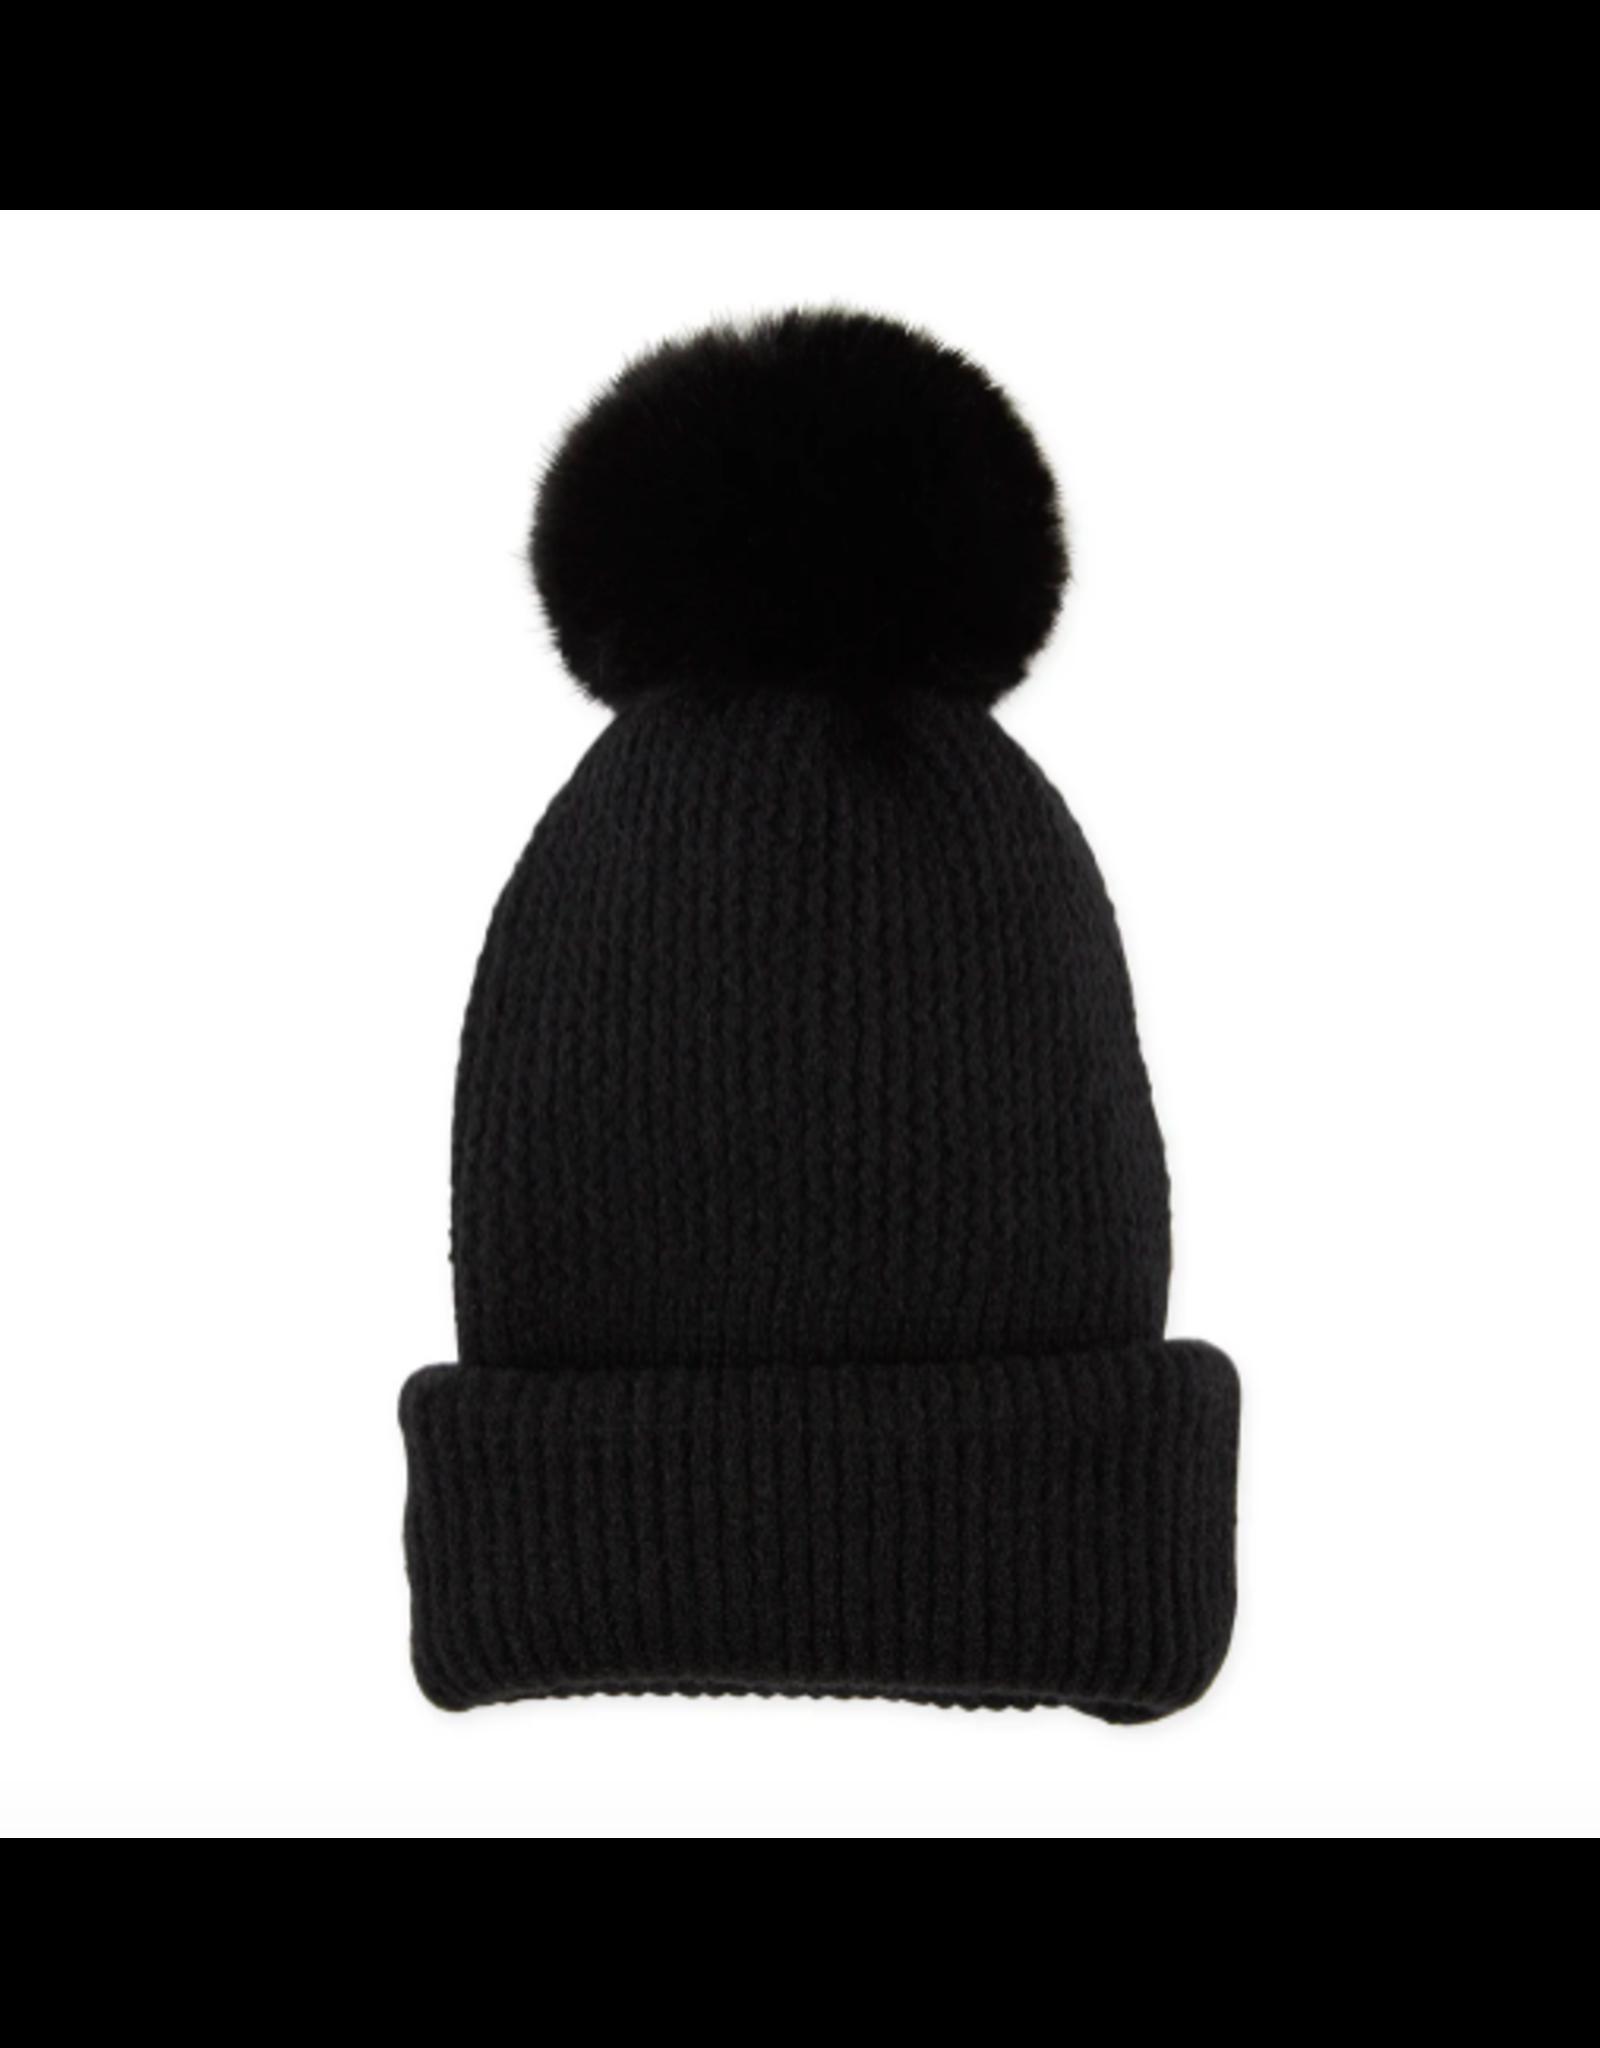 Plush Knit Pom Pom Beanie in Black